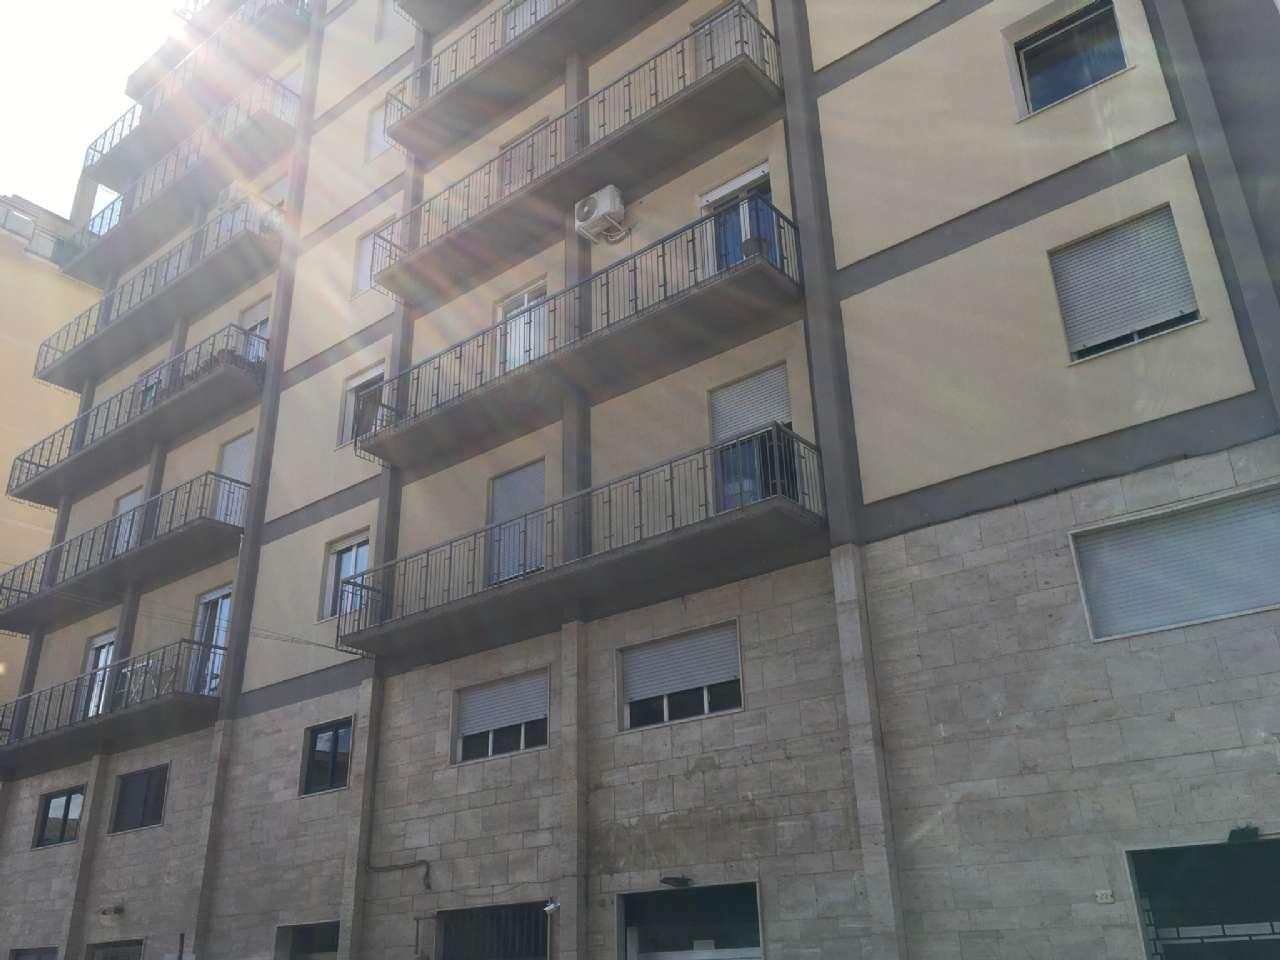 Appartamento, Via Cavour, Centro, Marsala, foto 17